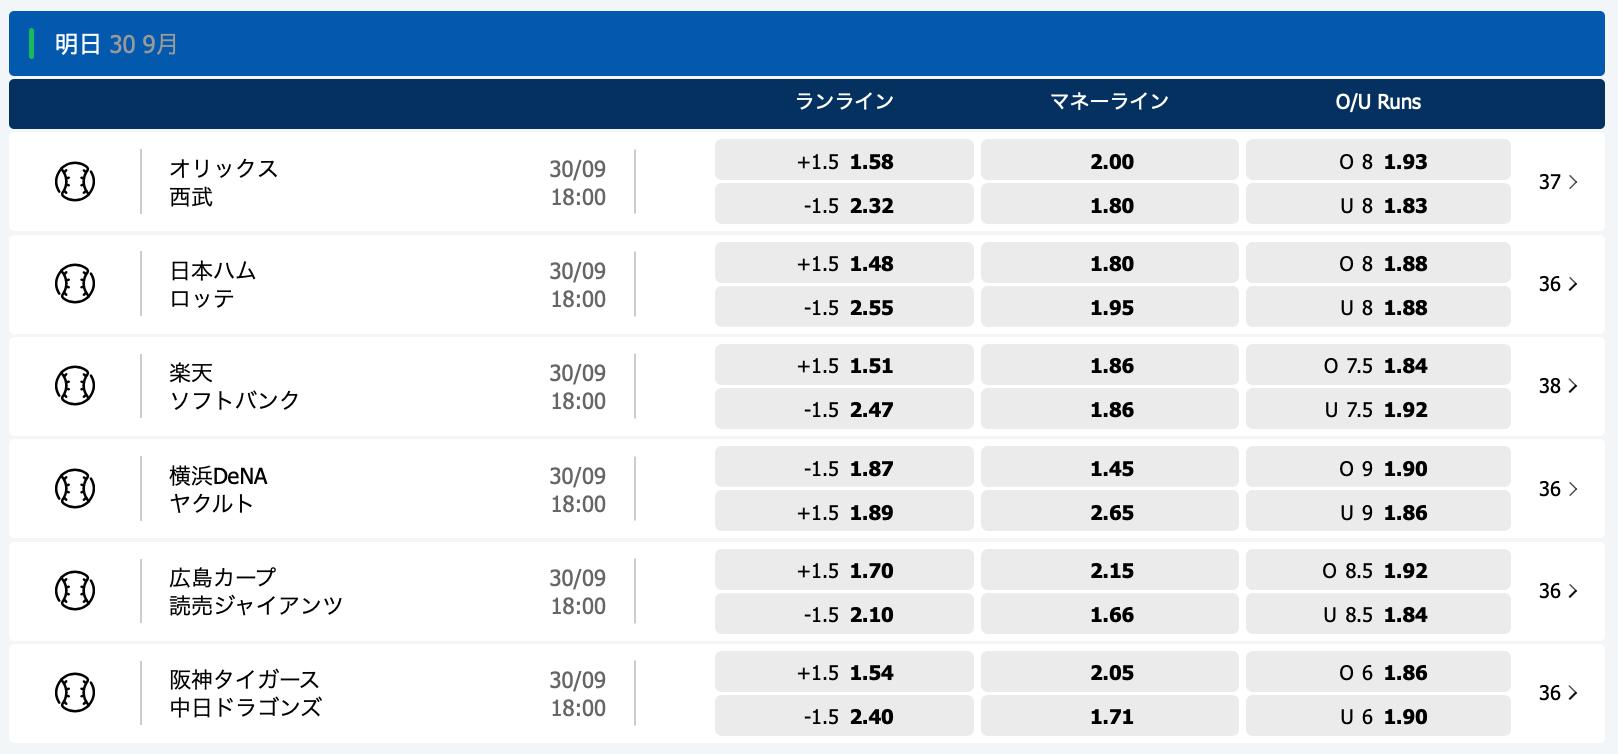 2020.9.30 プロ野球オッズ・10bet Japan